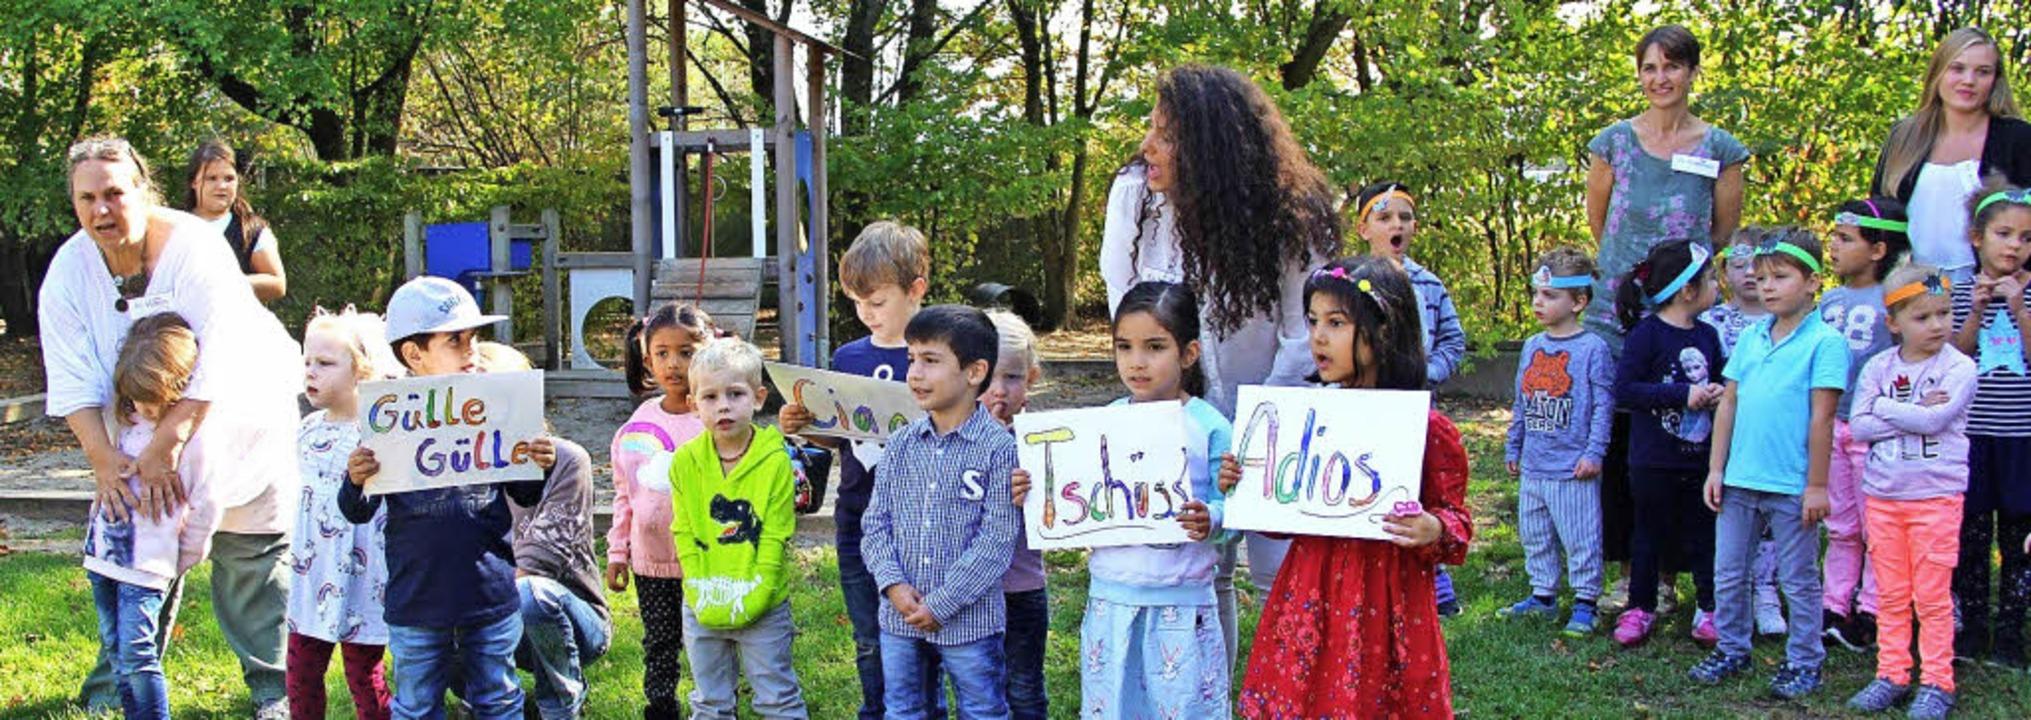 Viele Sprachen sprechen die rund 70 Ki...ich auch beim Kindergartenfest zeigte.  | Foto: Horst David